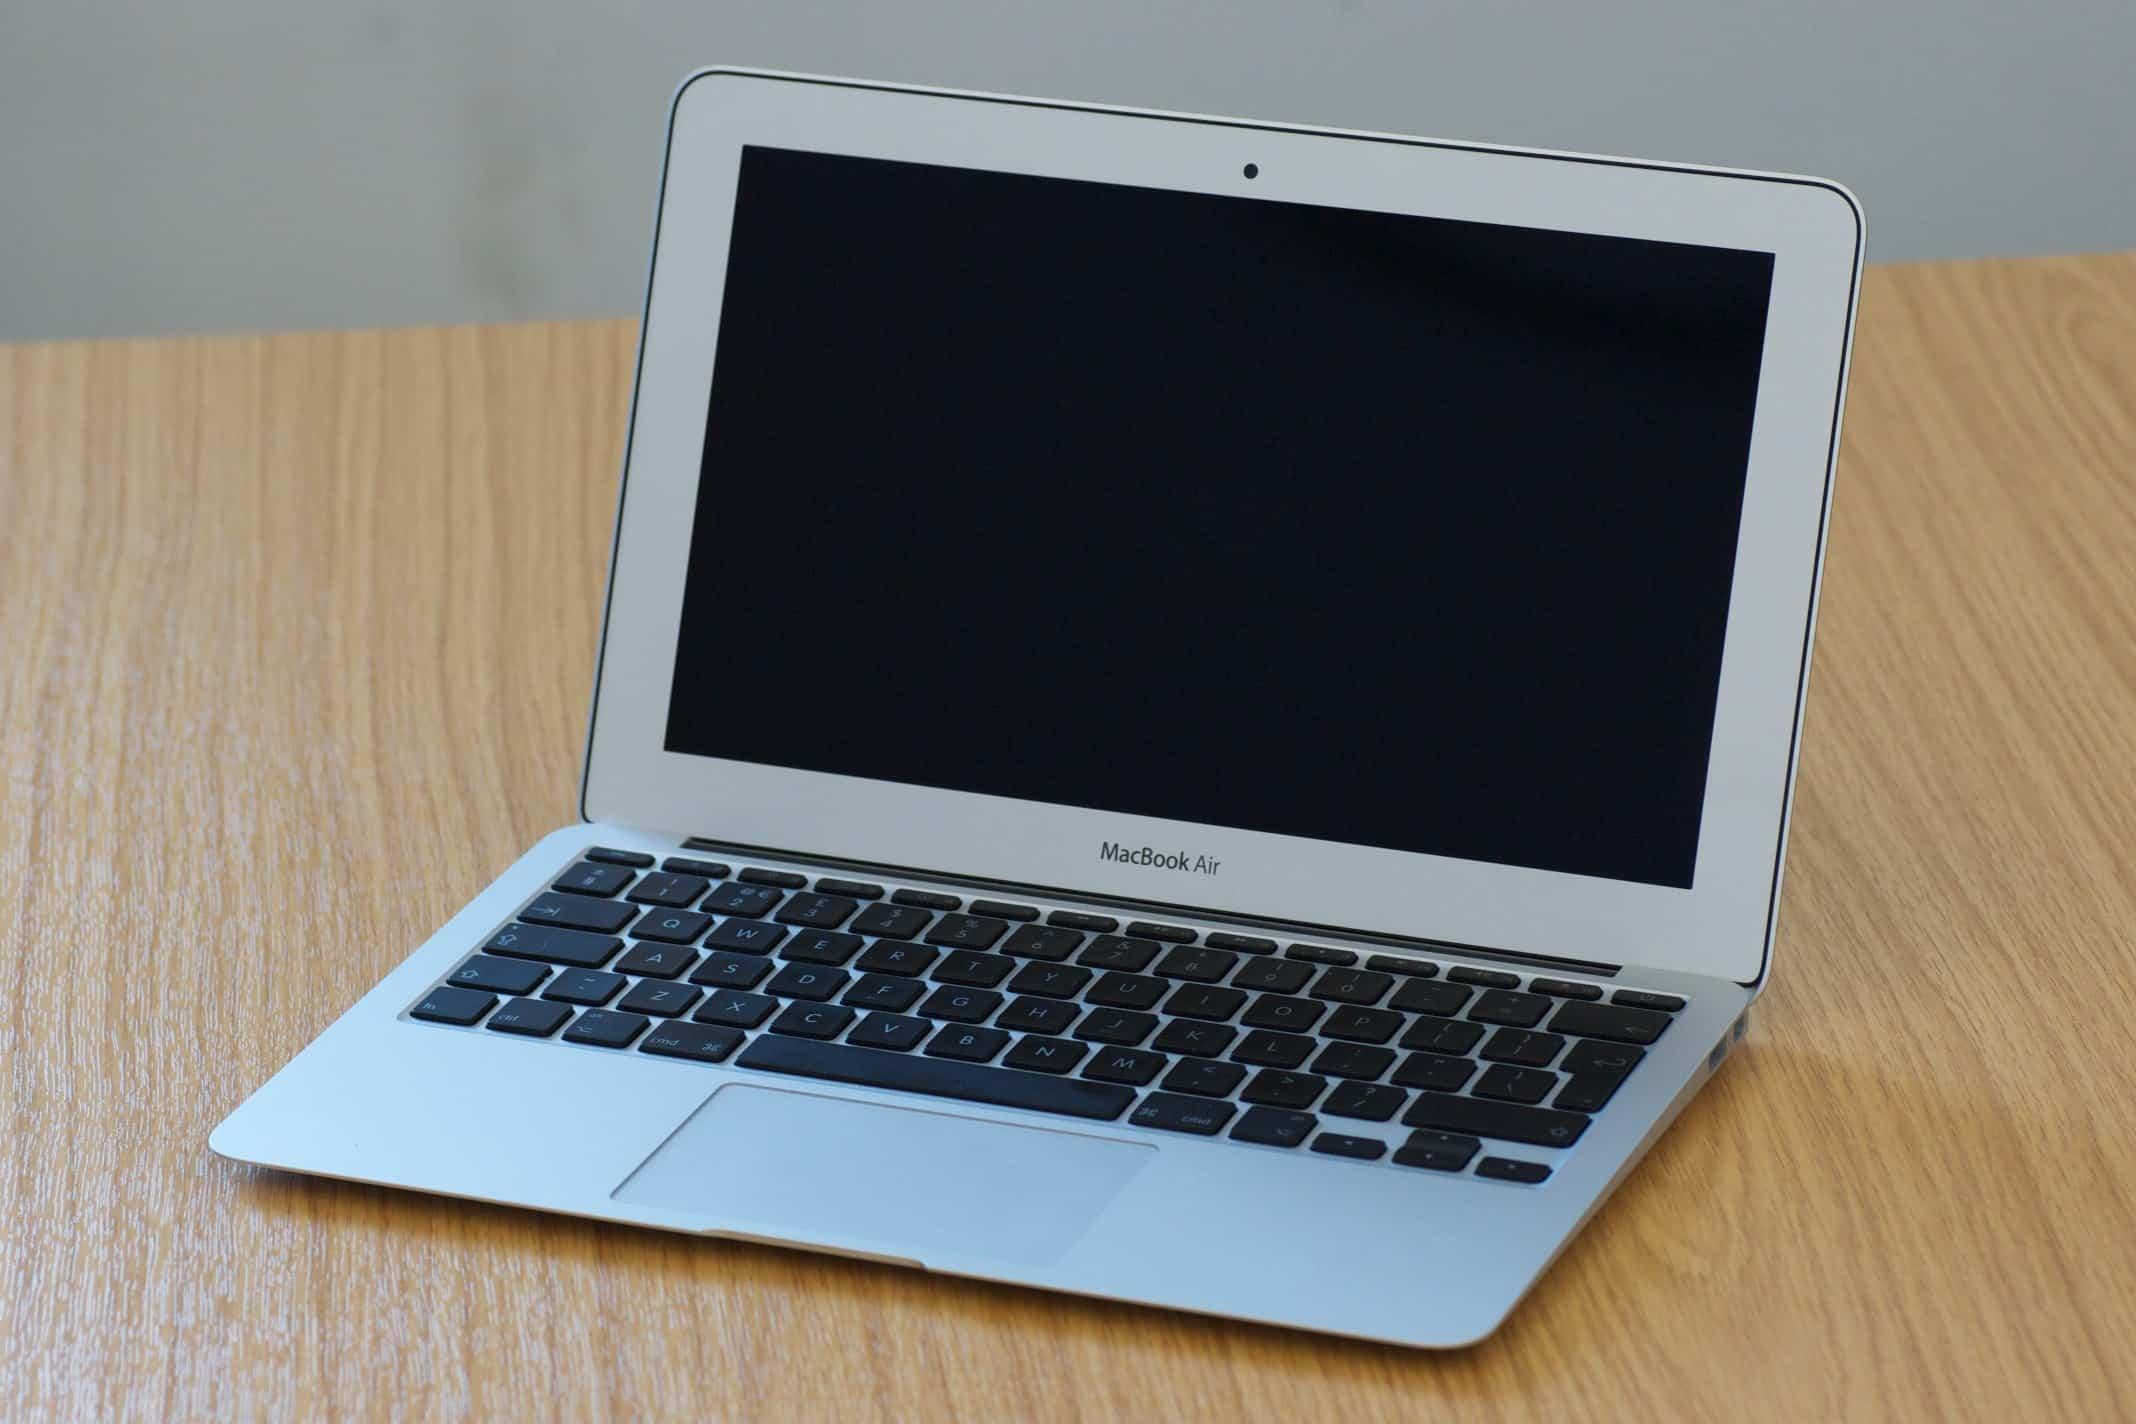 Xiaomi copia a Apple: se viene el MacBook Air de la china